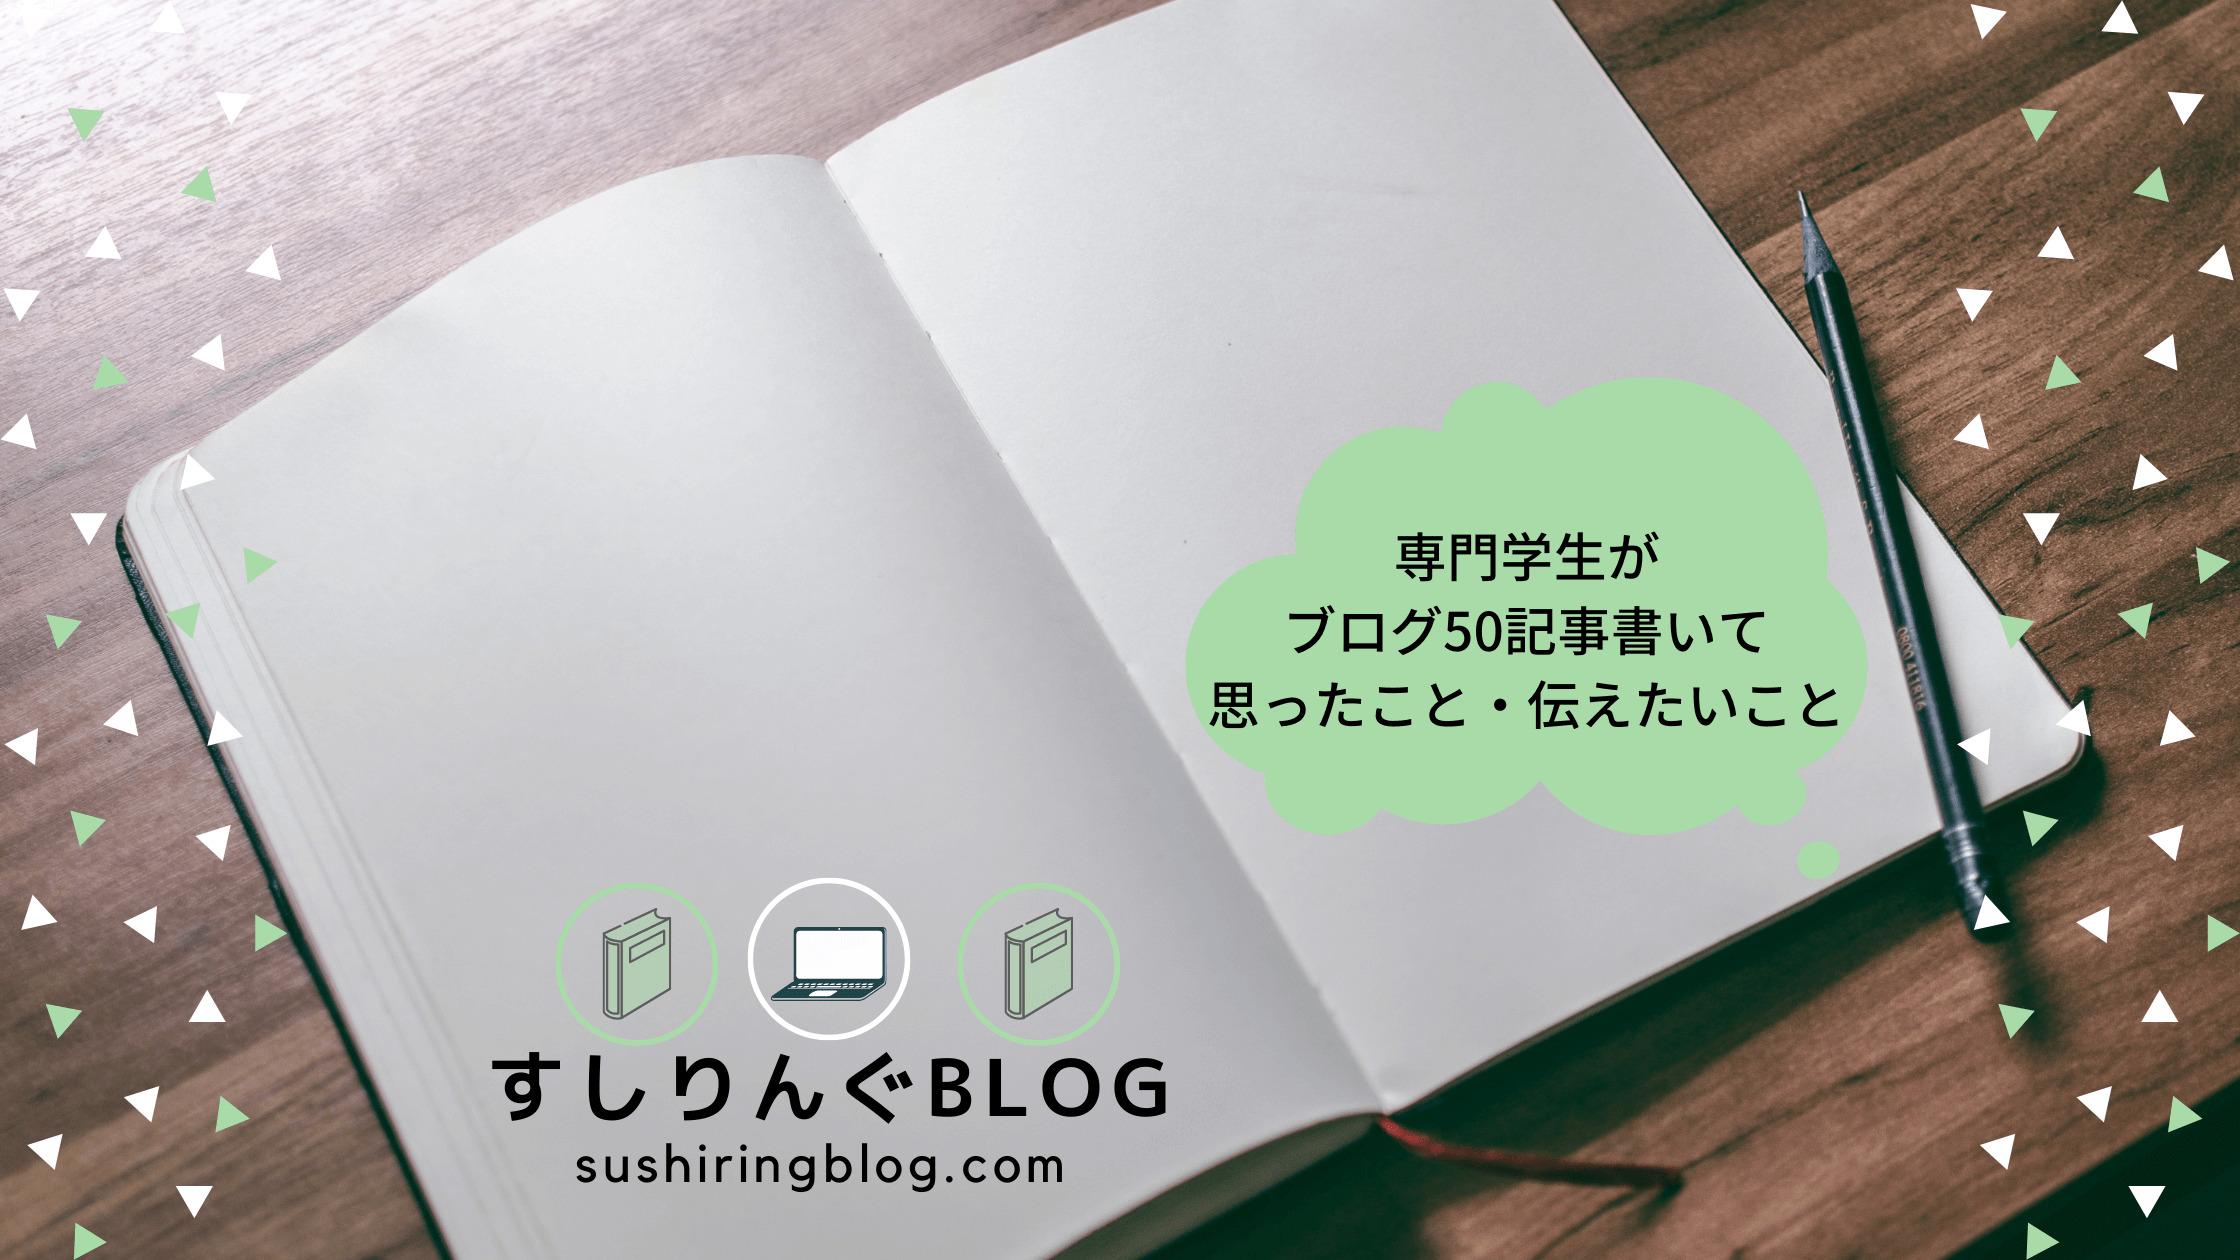 専門学生がブログ50記事書いて思ったこと・伝えたいこと